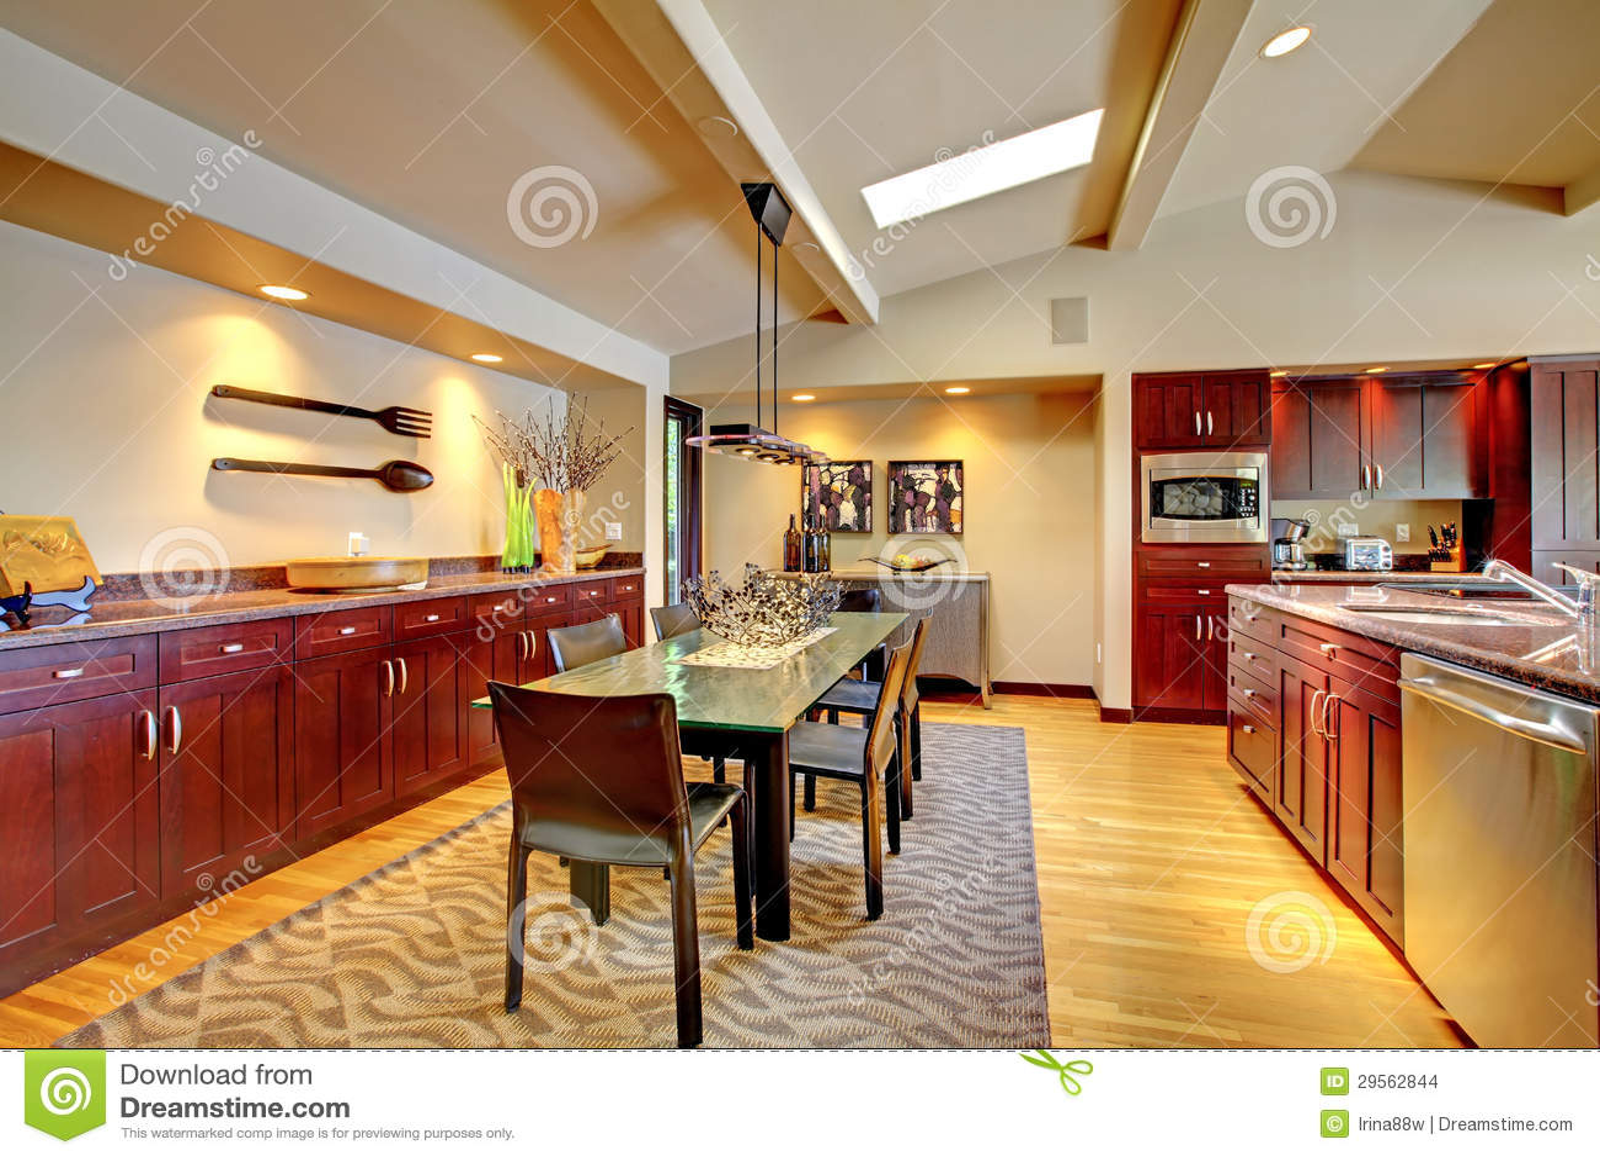 Salle manger moderne de luxe avec la cuisine d 39 acajou for Salle a manger de luxe en bois